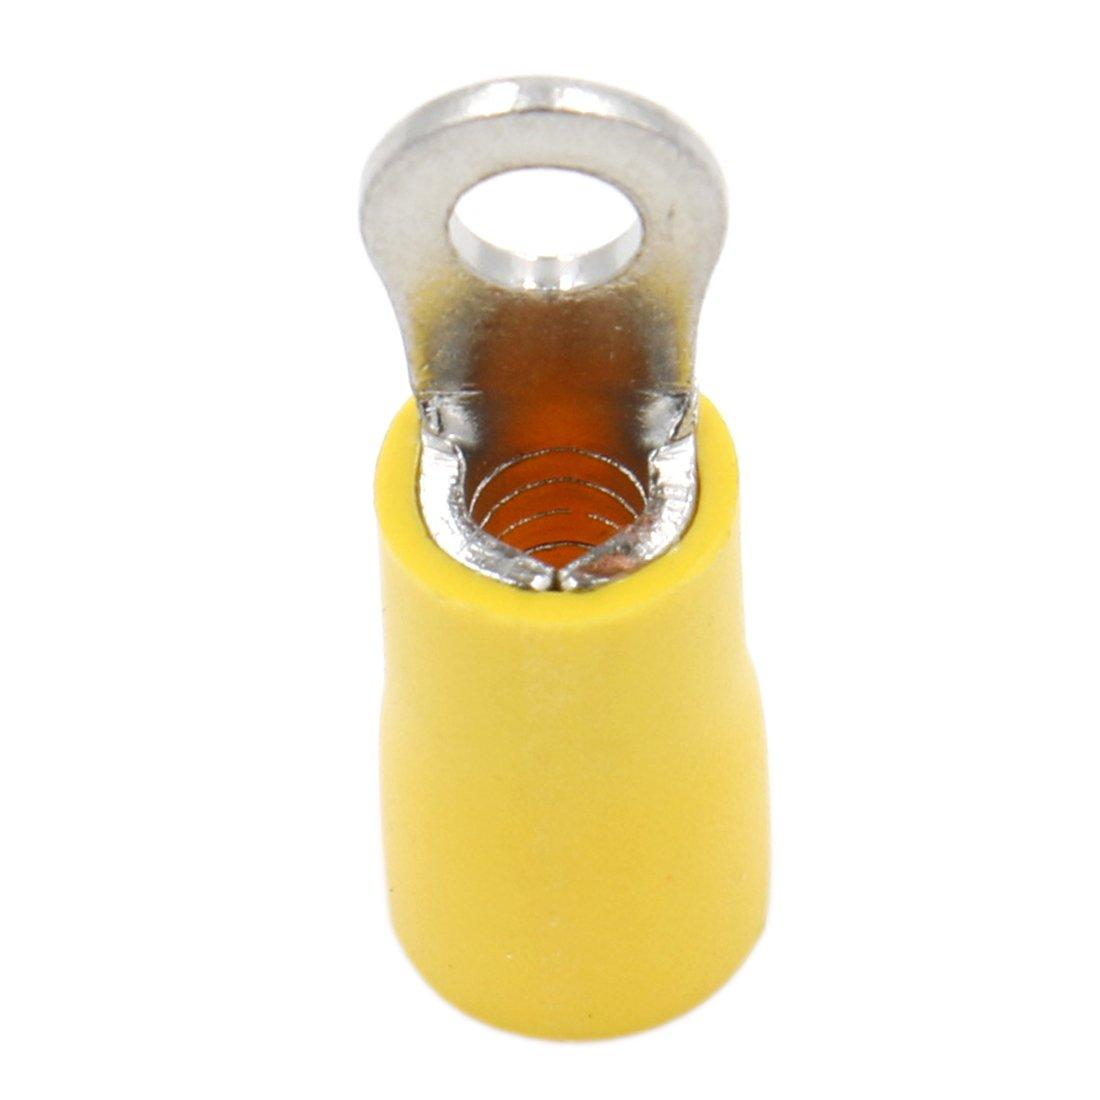 Jaune Lot de 100 6/mm/² Heschen Ring Terminal Vinyle raccords /à sertir isol/ée Fil /électrique connecteur Rv5.5 12/–10/AWG 5//à tige Taille # 10/pour 4